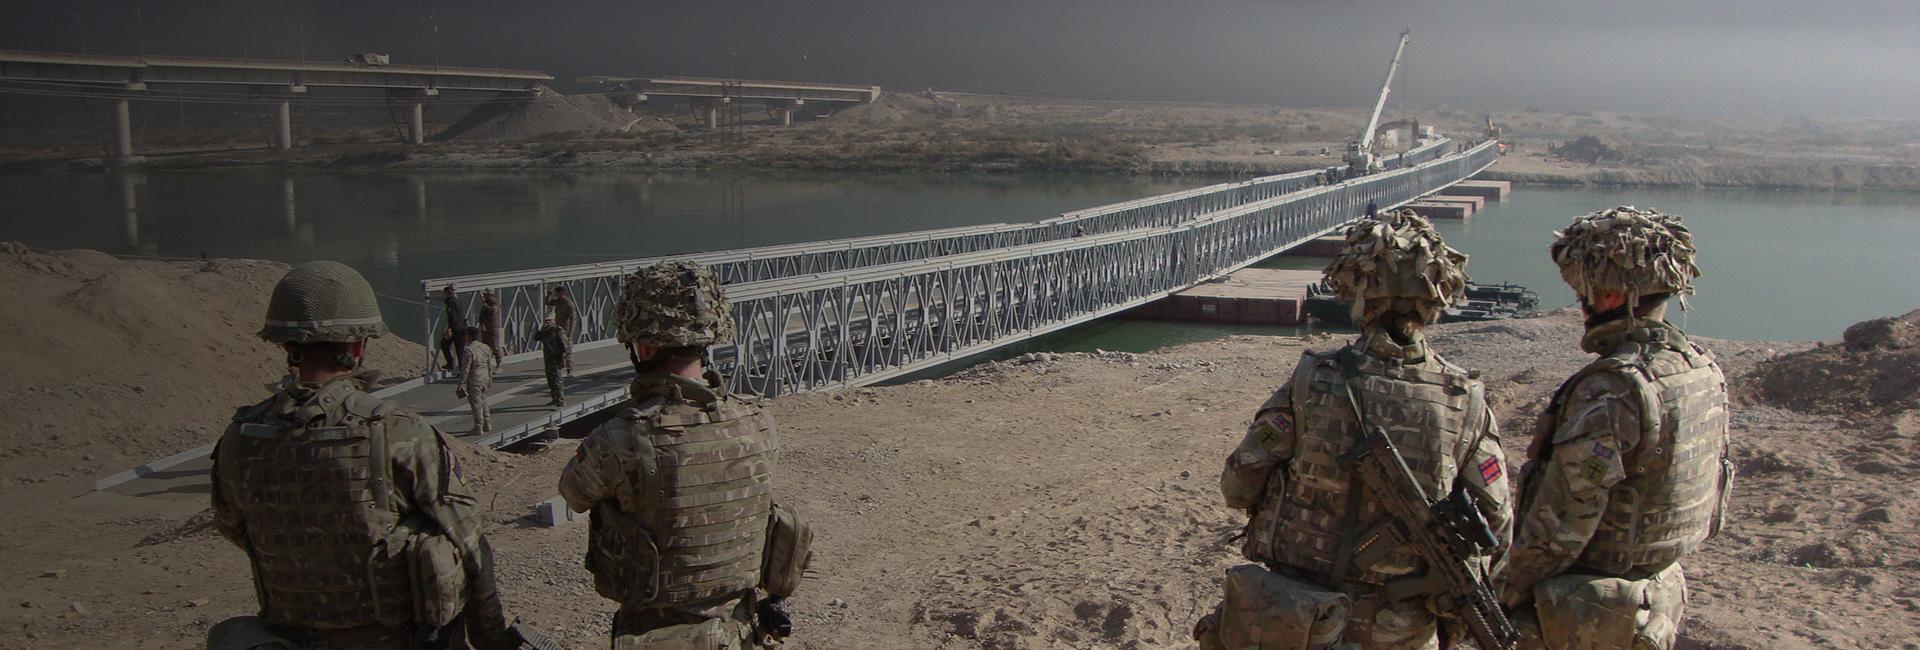 Acrow Military Bridges